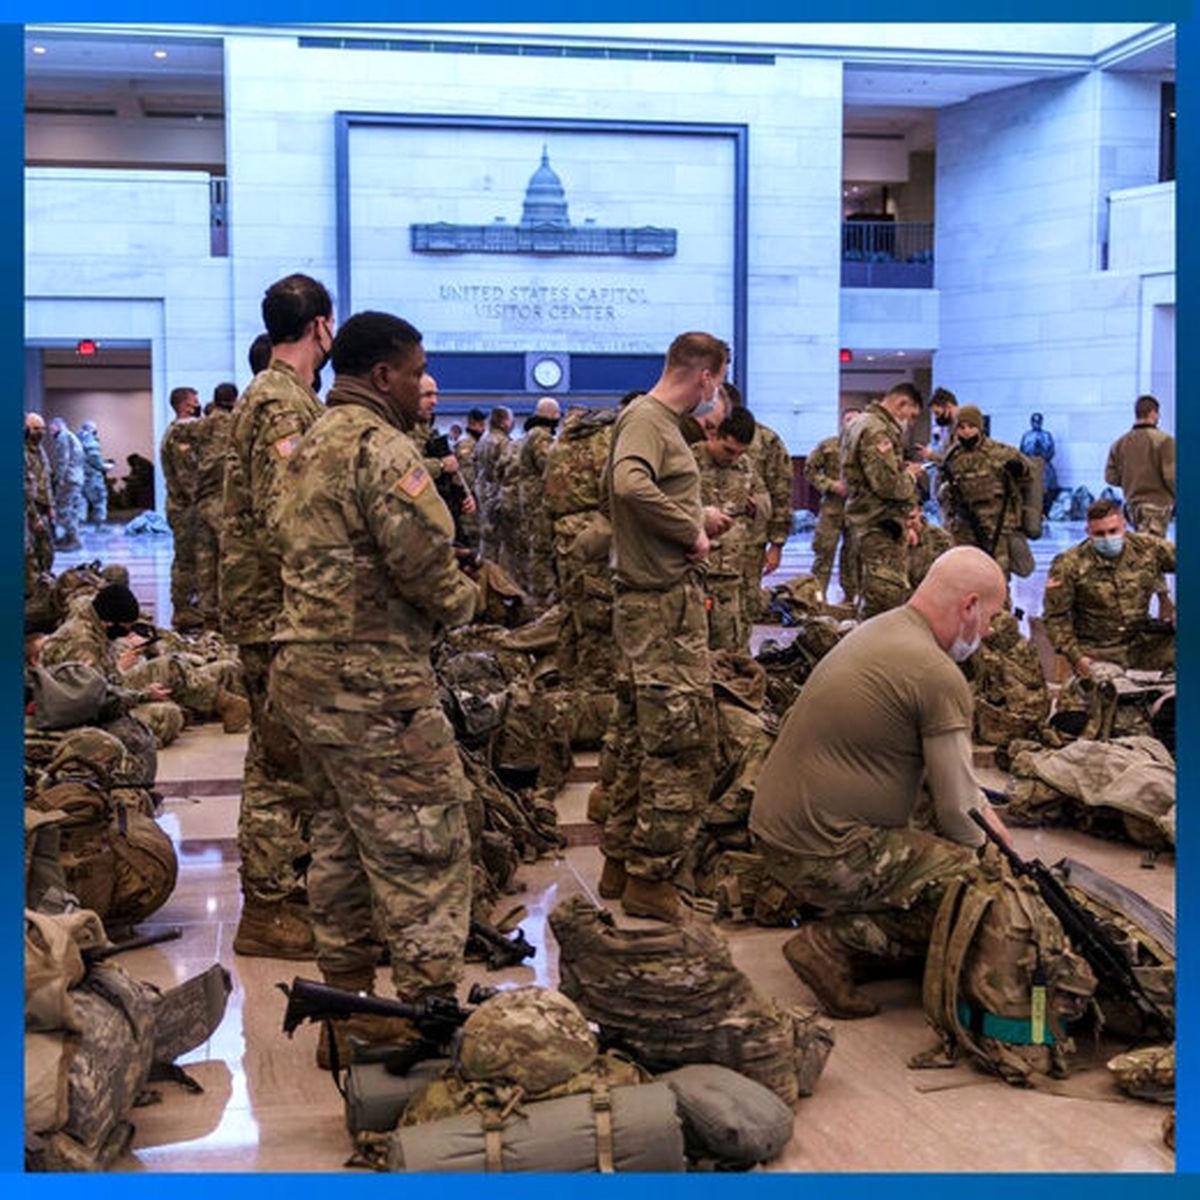 انگلیس نیروی نظامی به خاورمیانه اعزام میکند